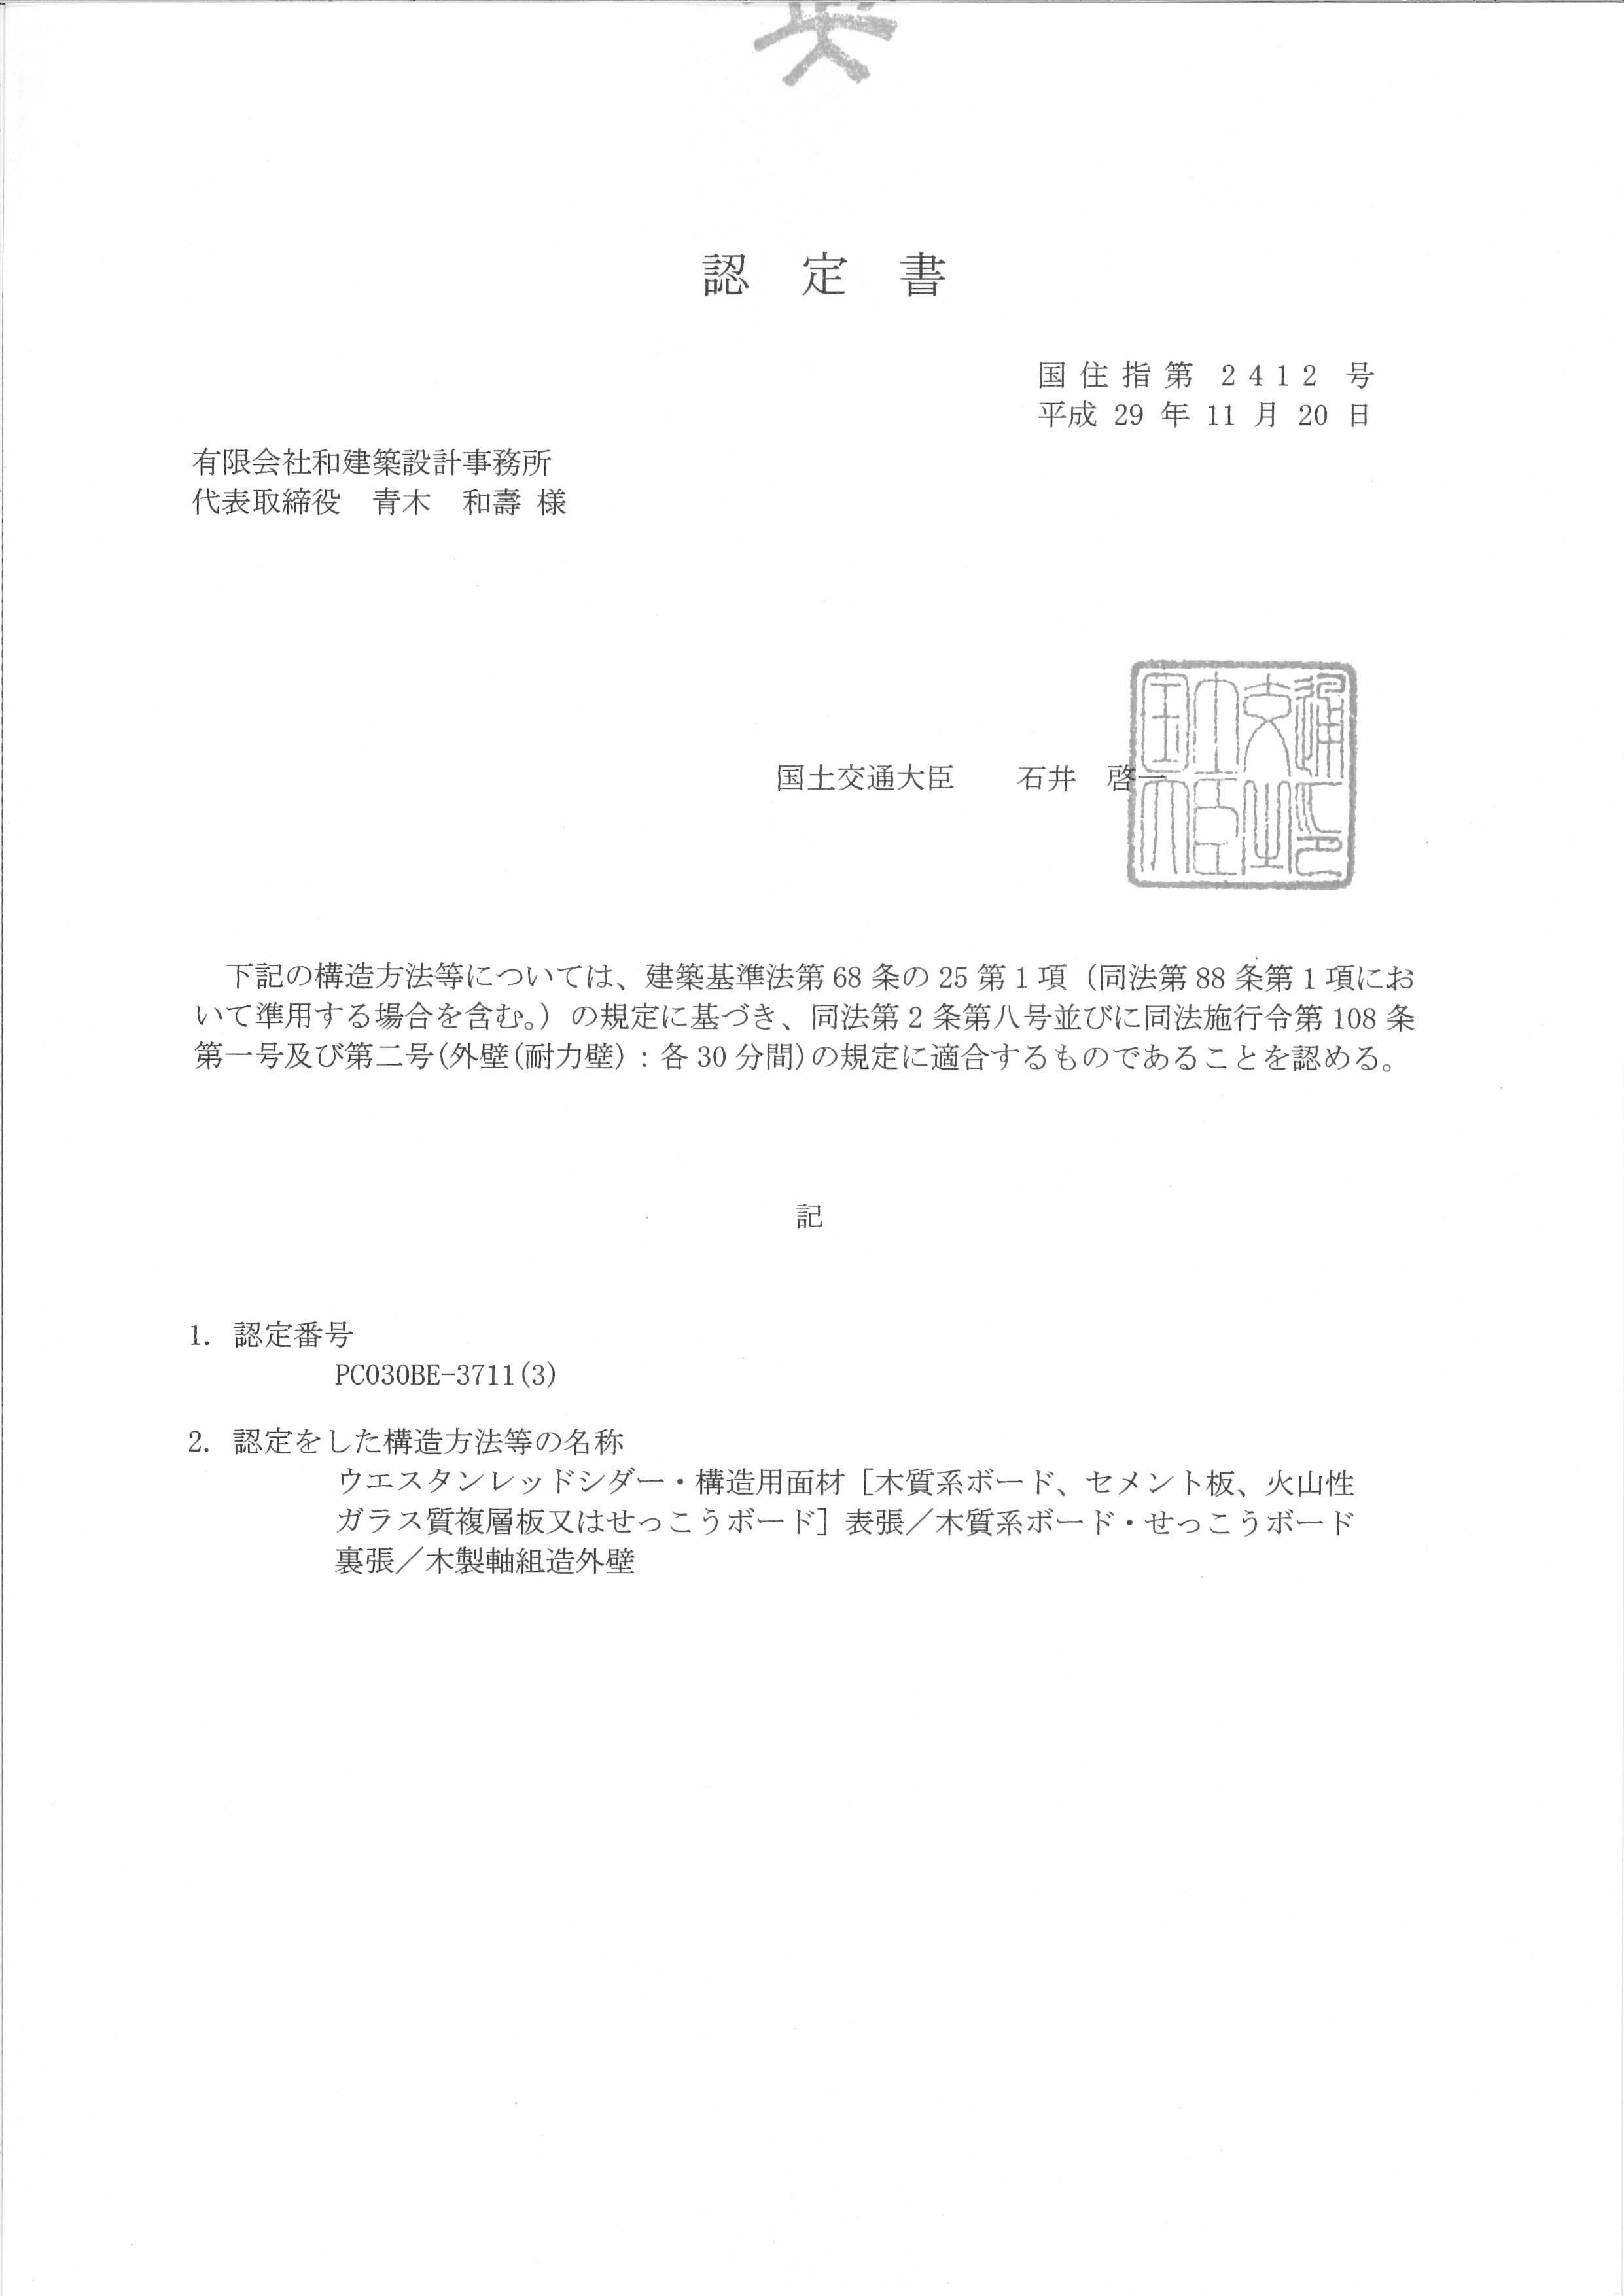 ウエスタンレッドシダー防火構造_ページ_03.jpg